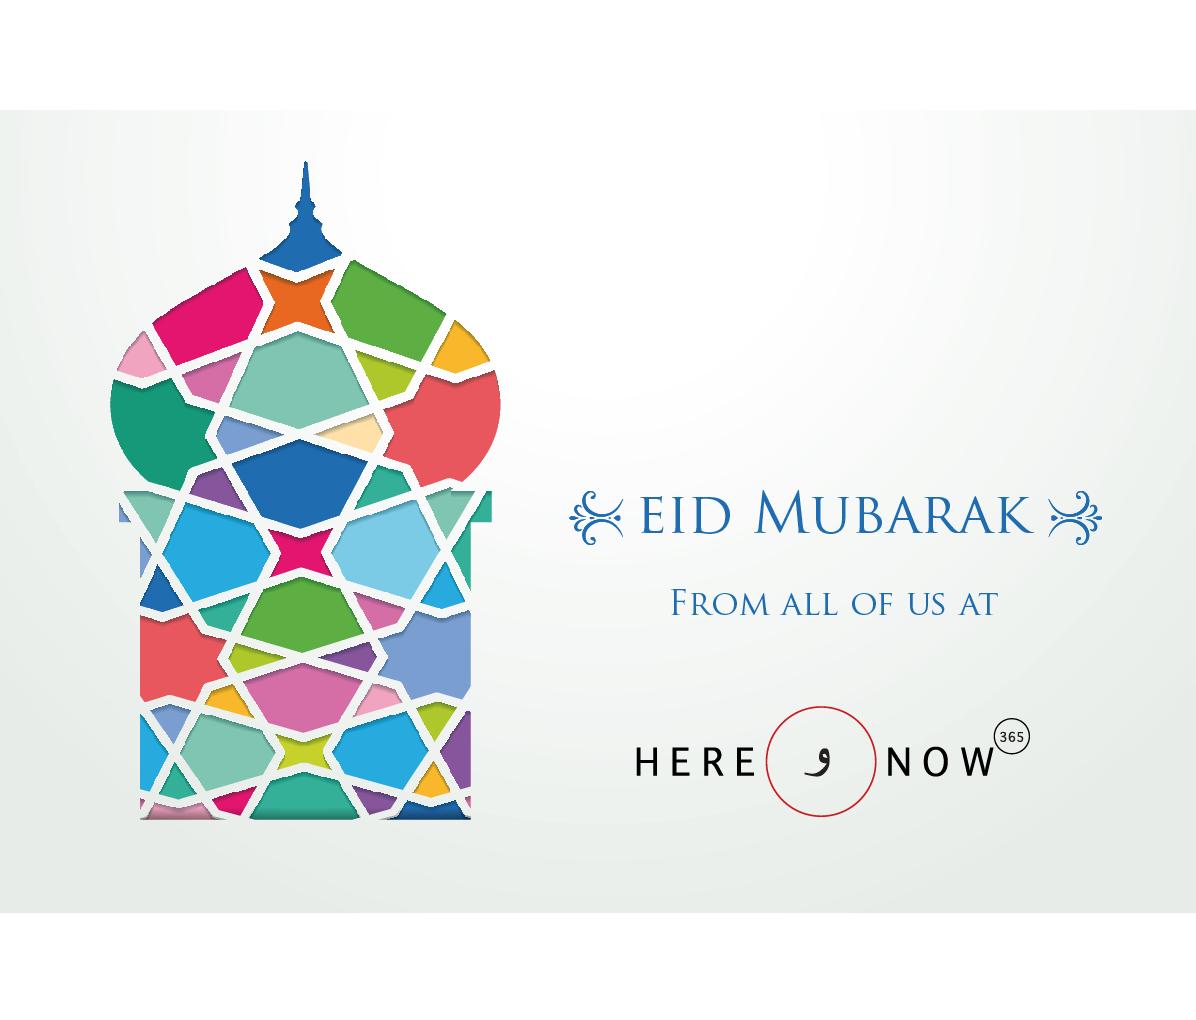 HNN365 wishes you Eid Mubarak!